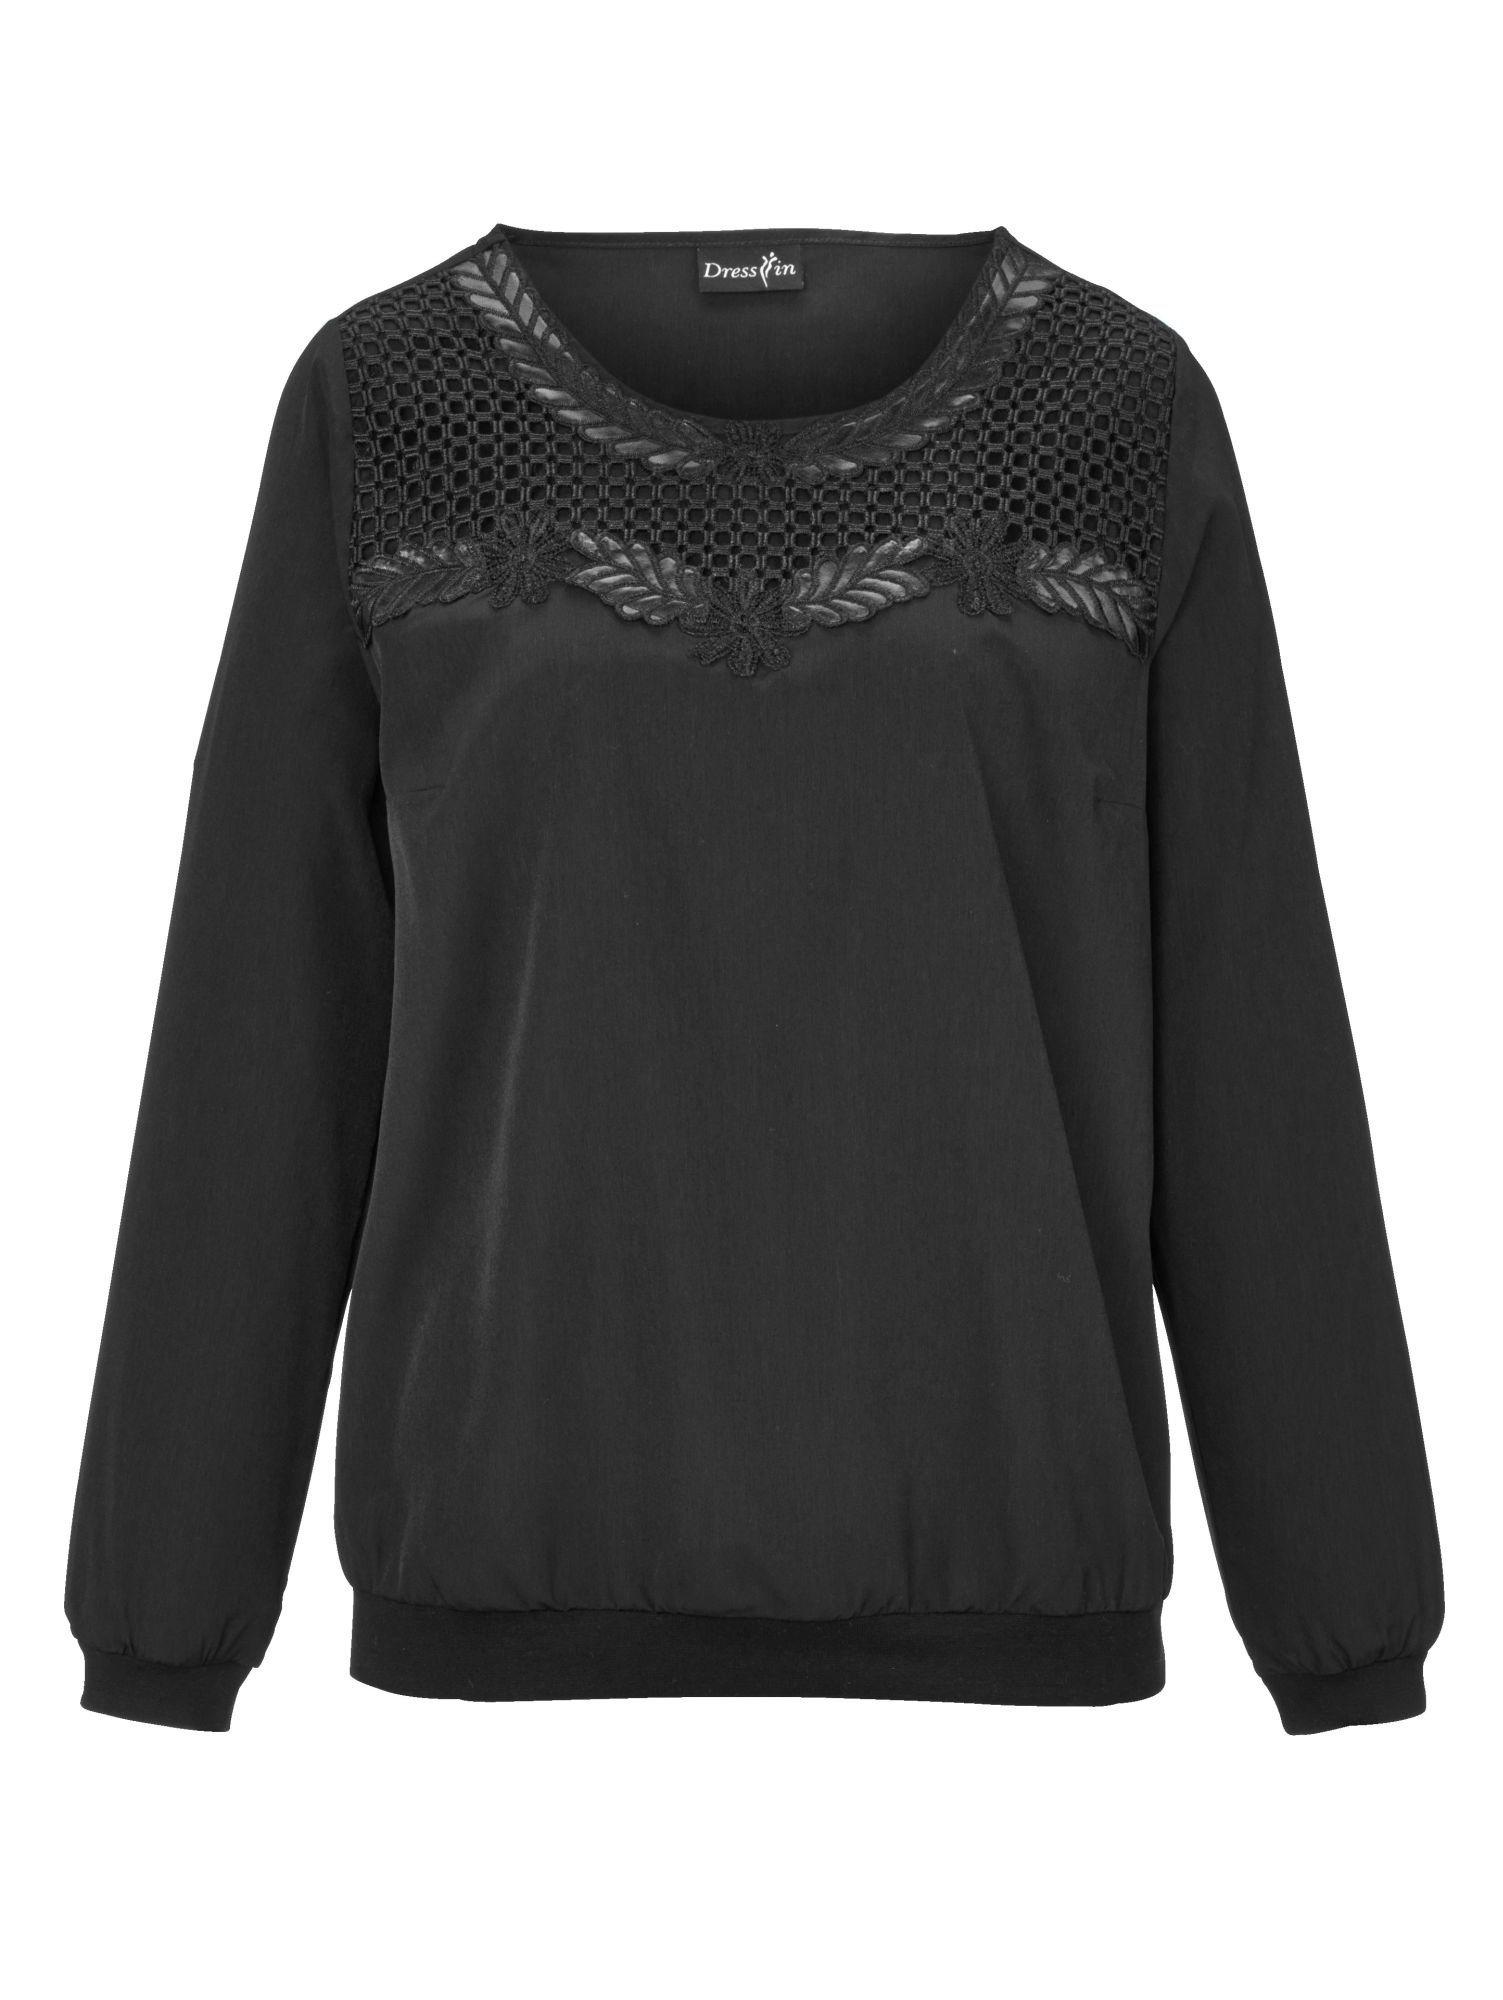 Dress In Tunika mit Spitzenbesatz | Bekleidung > Tuniken > Sonstige Tuniken | Weiß | Polyester - Baumwolle | Dress In